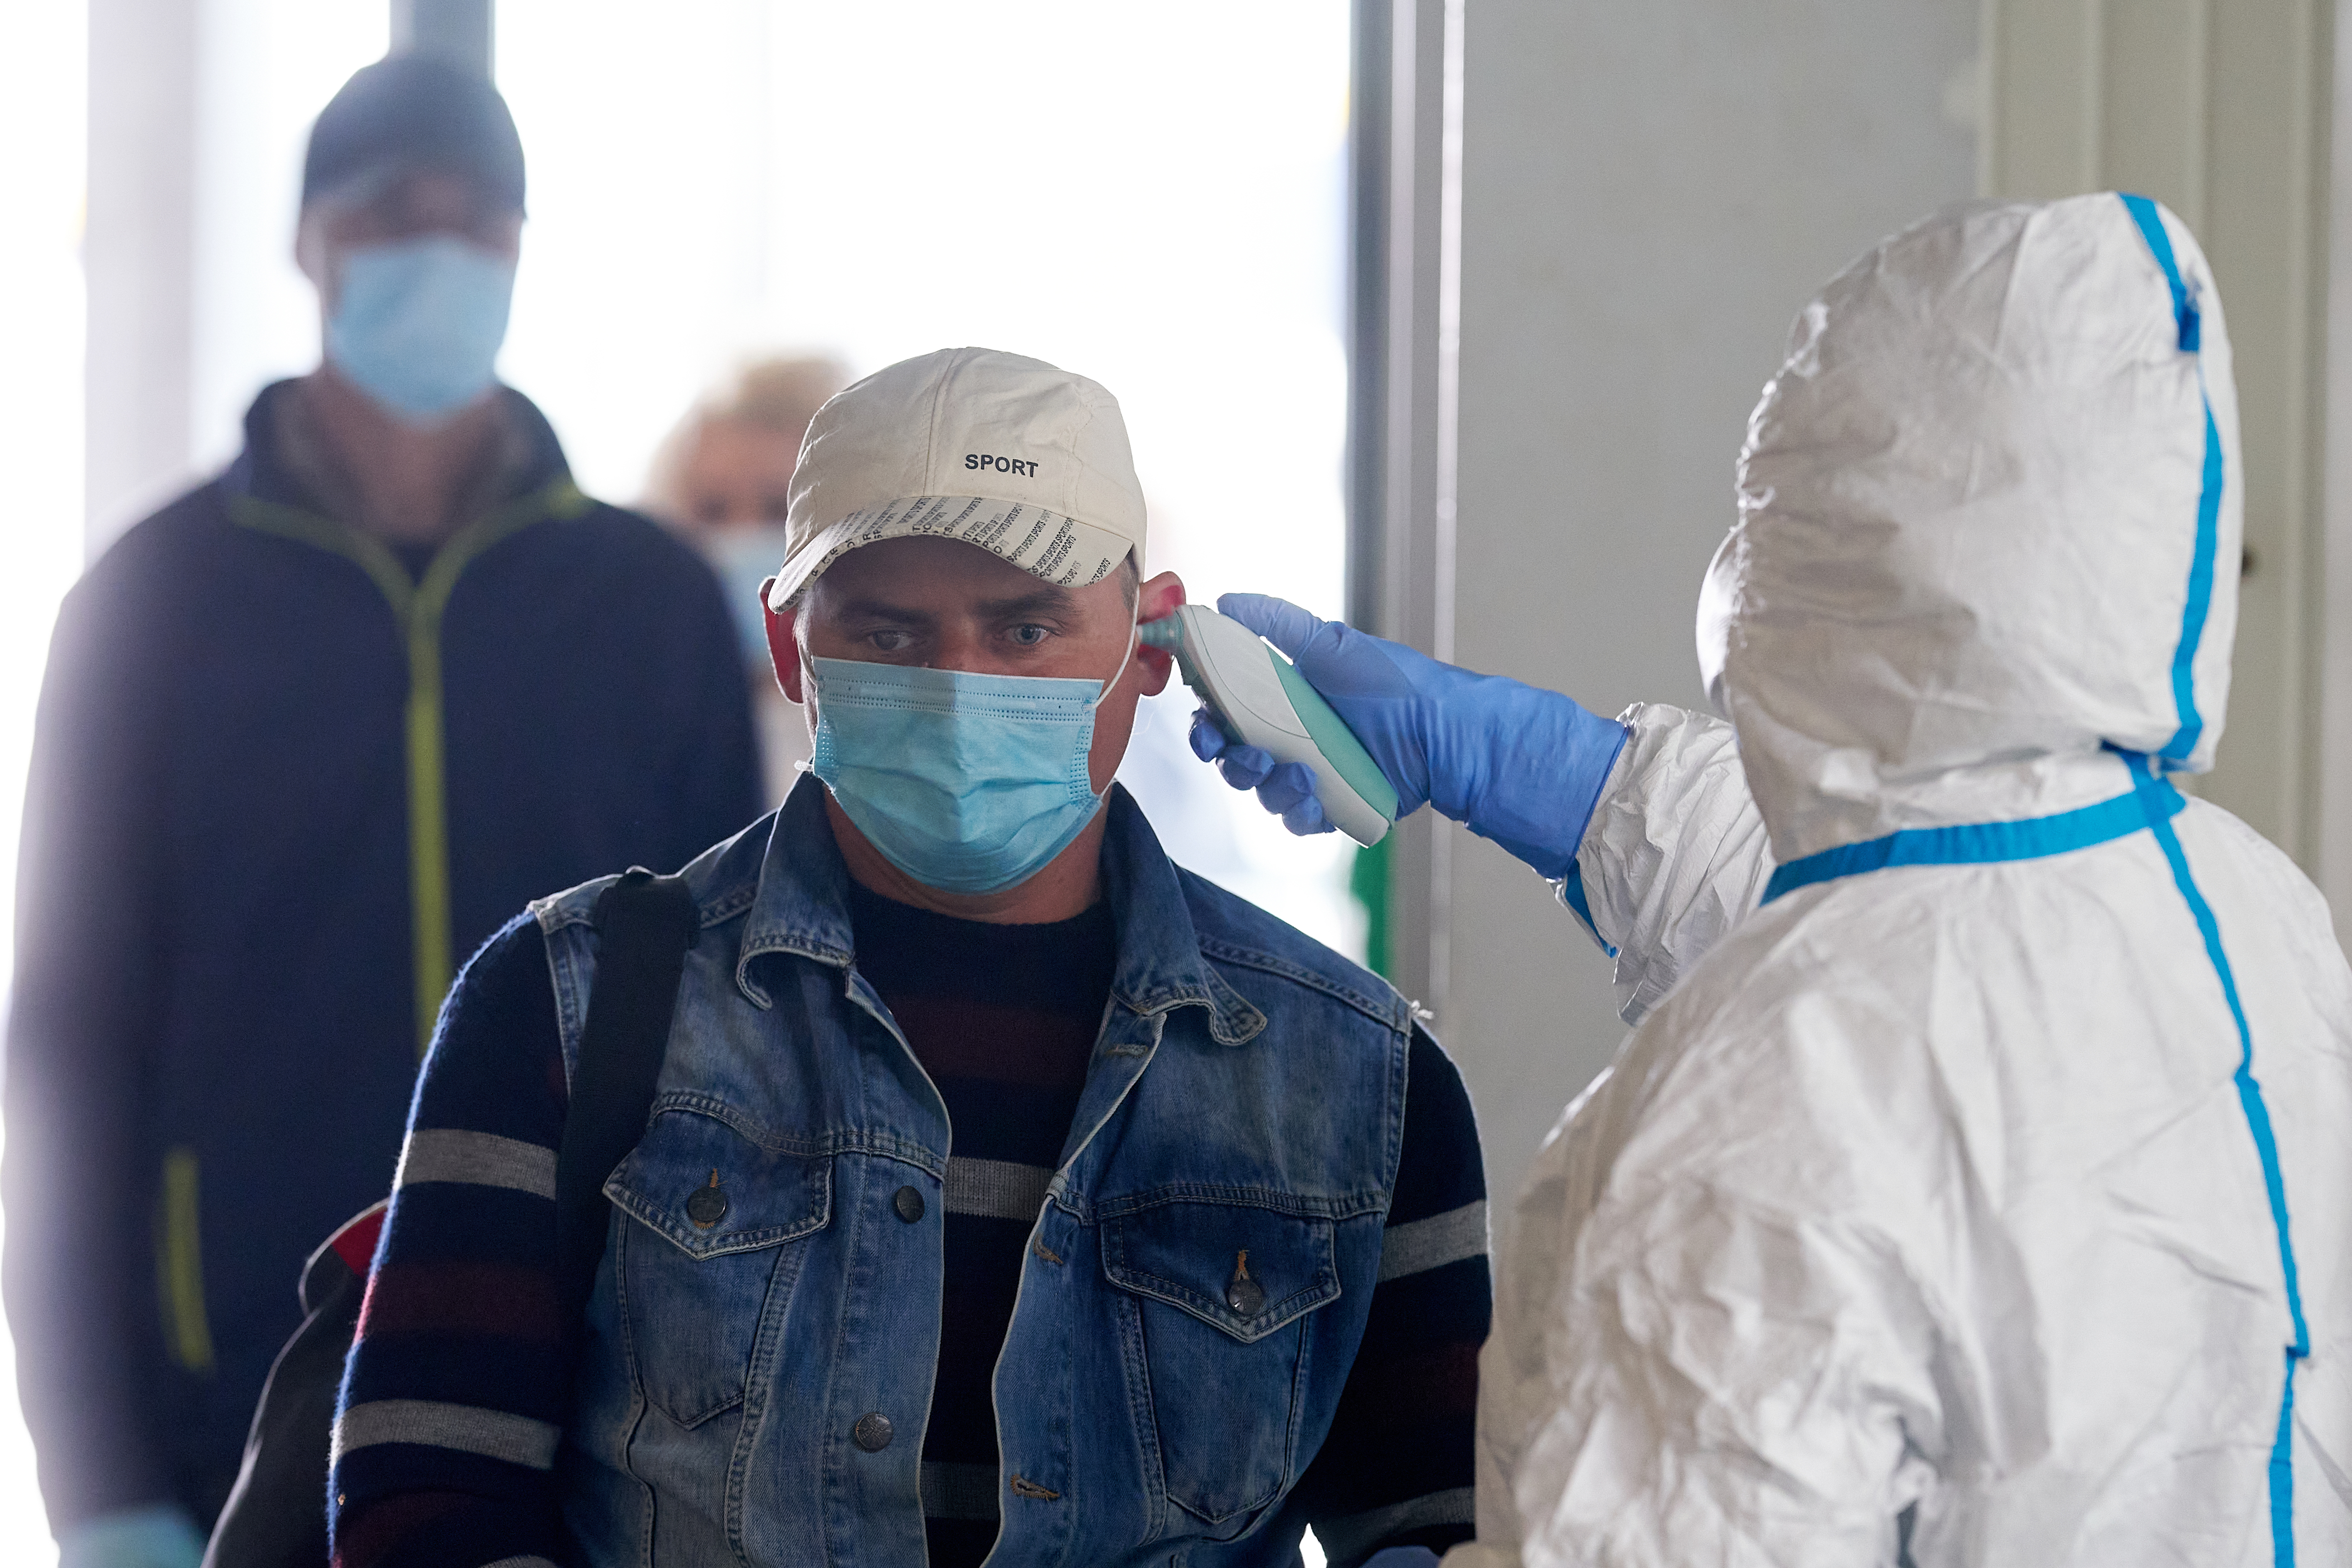 Franciaországban és Japánban is megjelent a koronavírus-mutáció